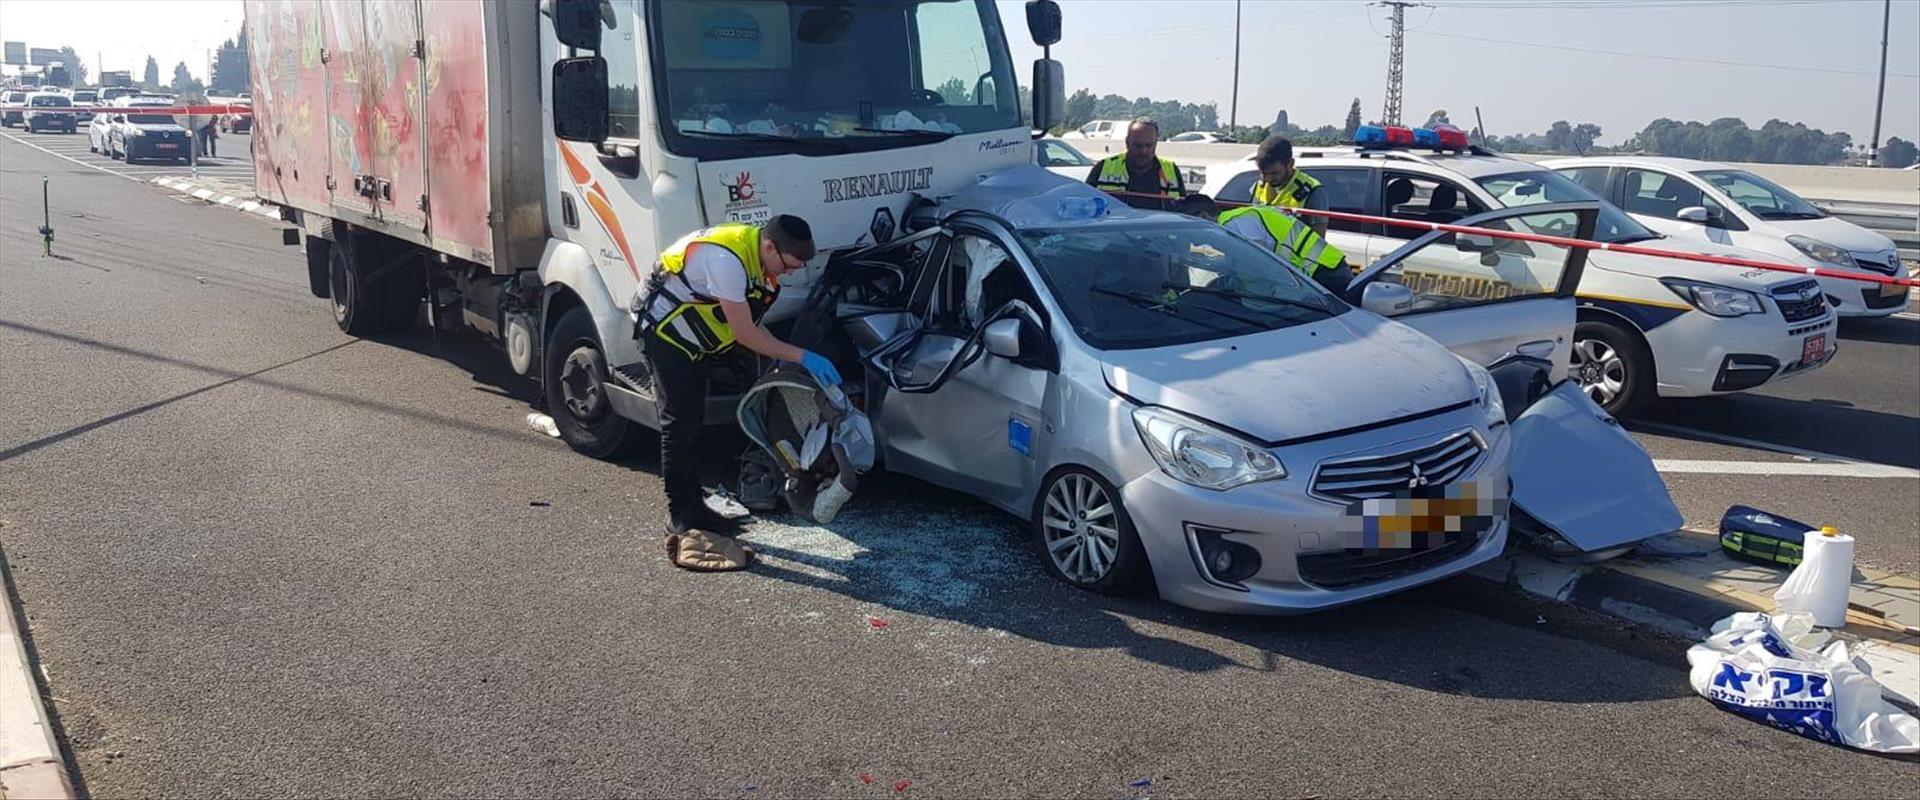 התאונה בכביש 7 בדרום בין משאית לכלי רכב פרטי